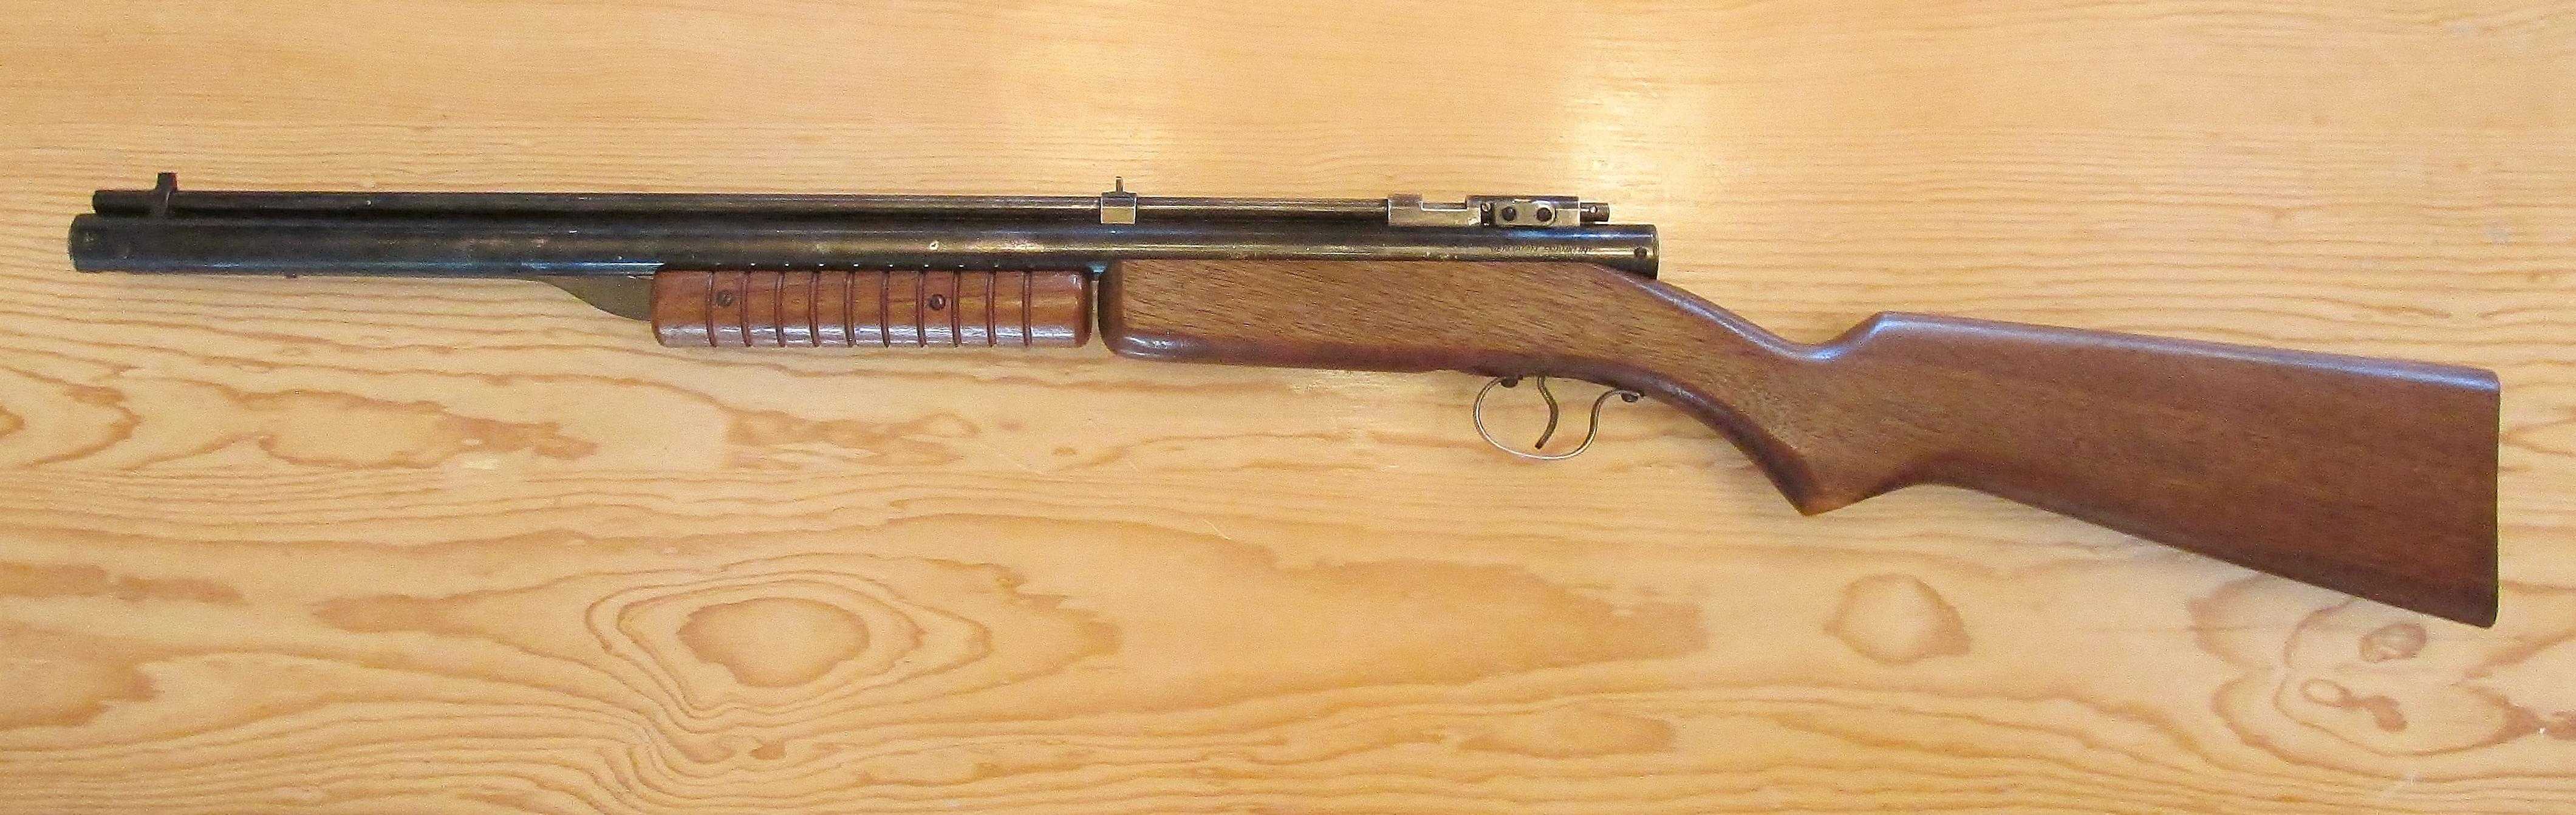 1d-Benji 312.JPG